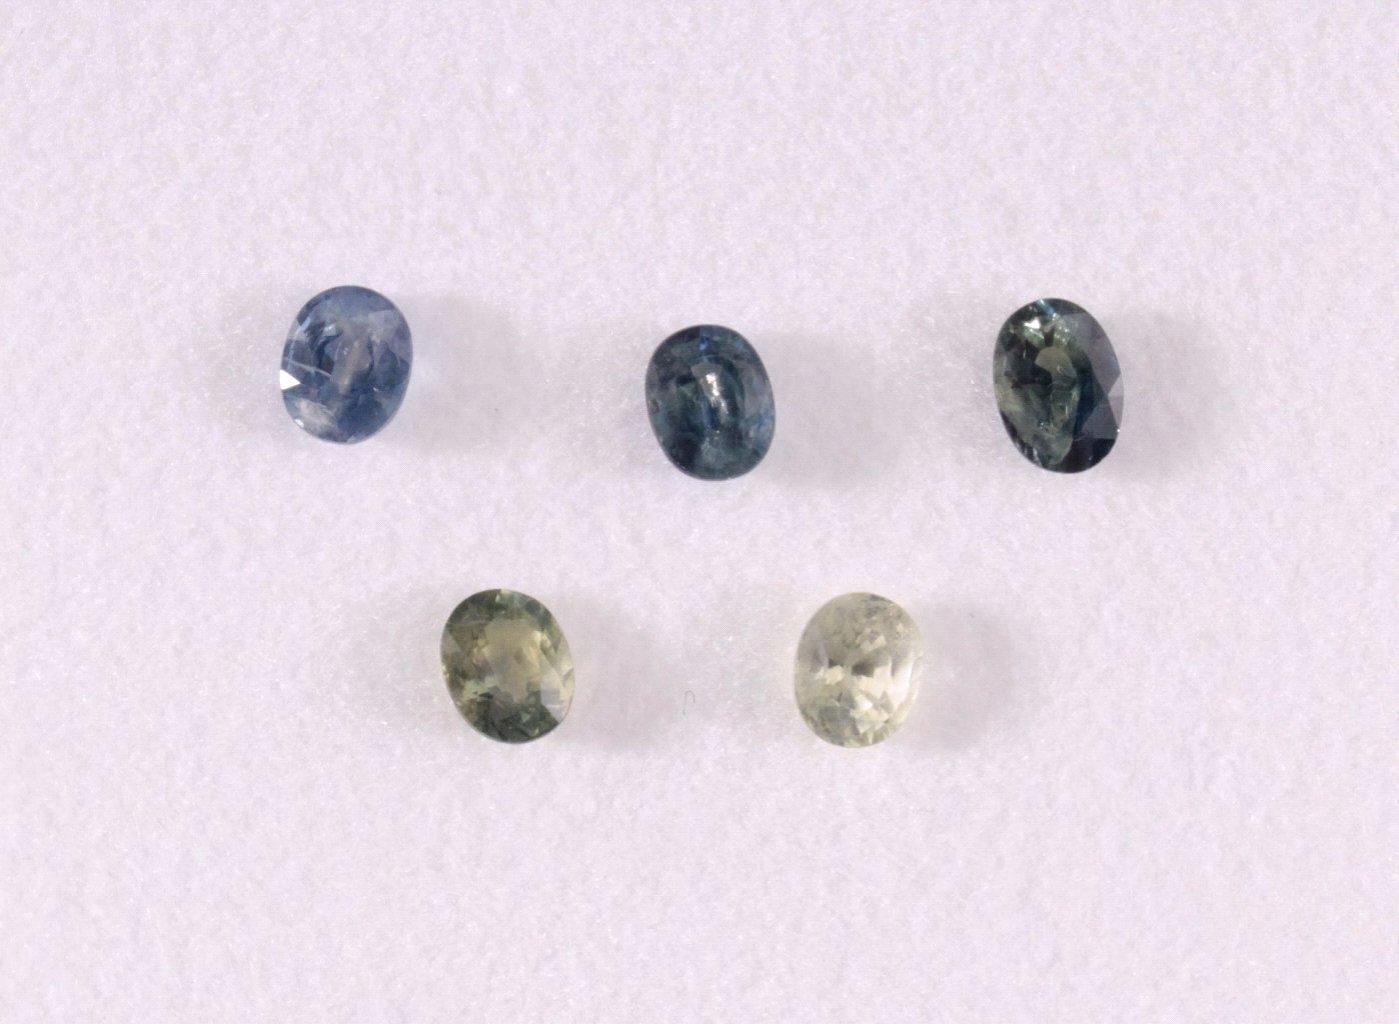 Saphire in unterschiedlichen Farben, 8 Stück